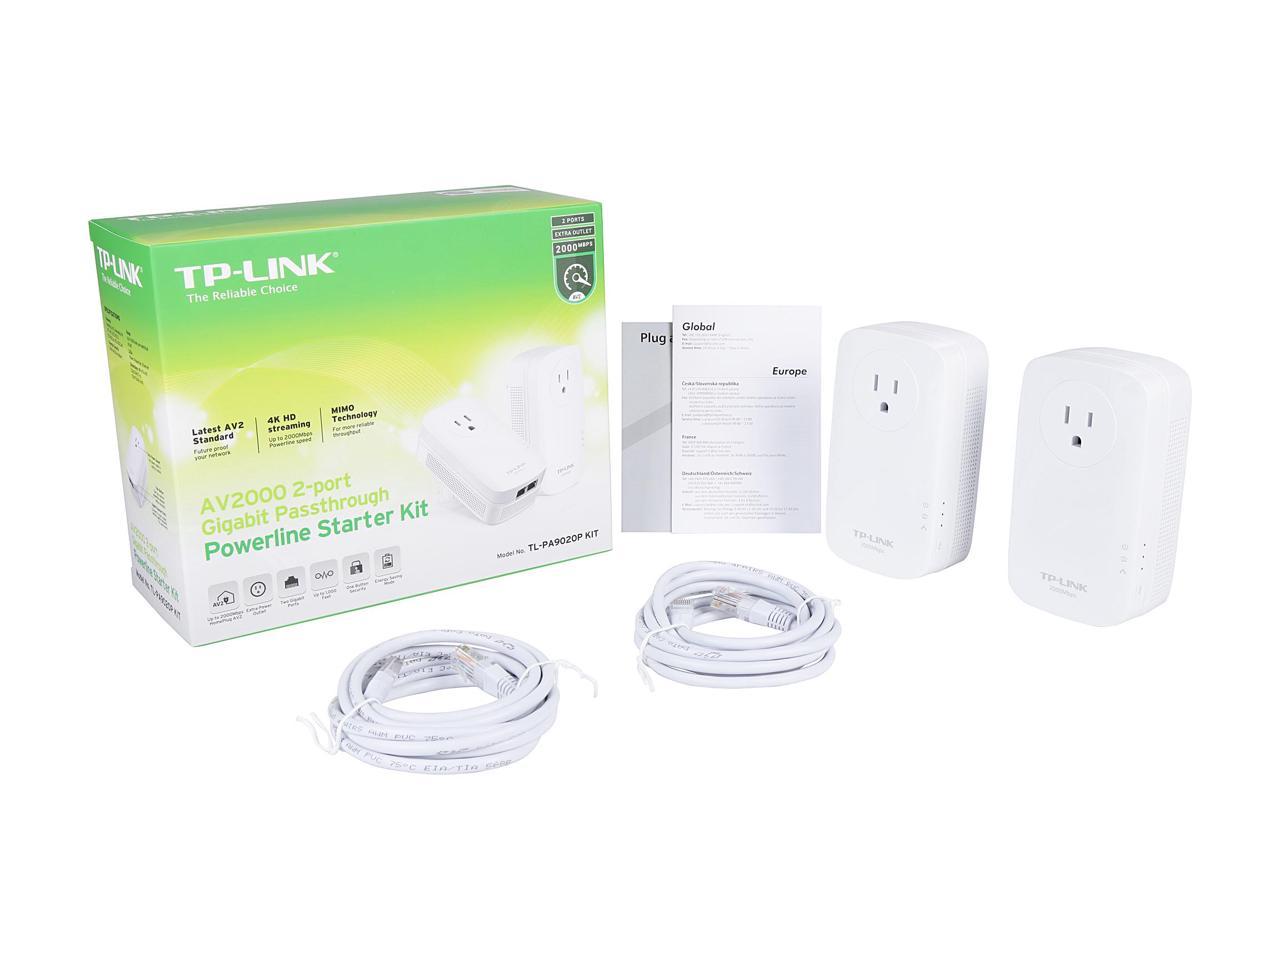 TP-LINK TL-PA9020P, AV2000 2-port Gigabit Passthrough Powerline Adapter Kit, $52.18